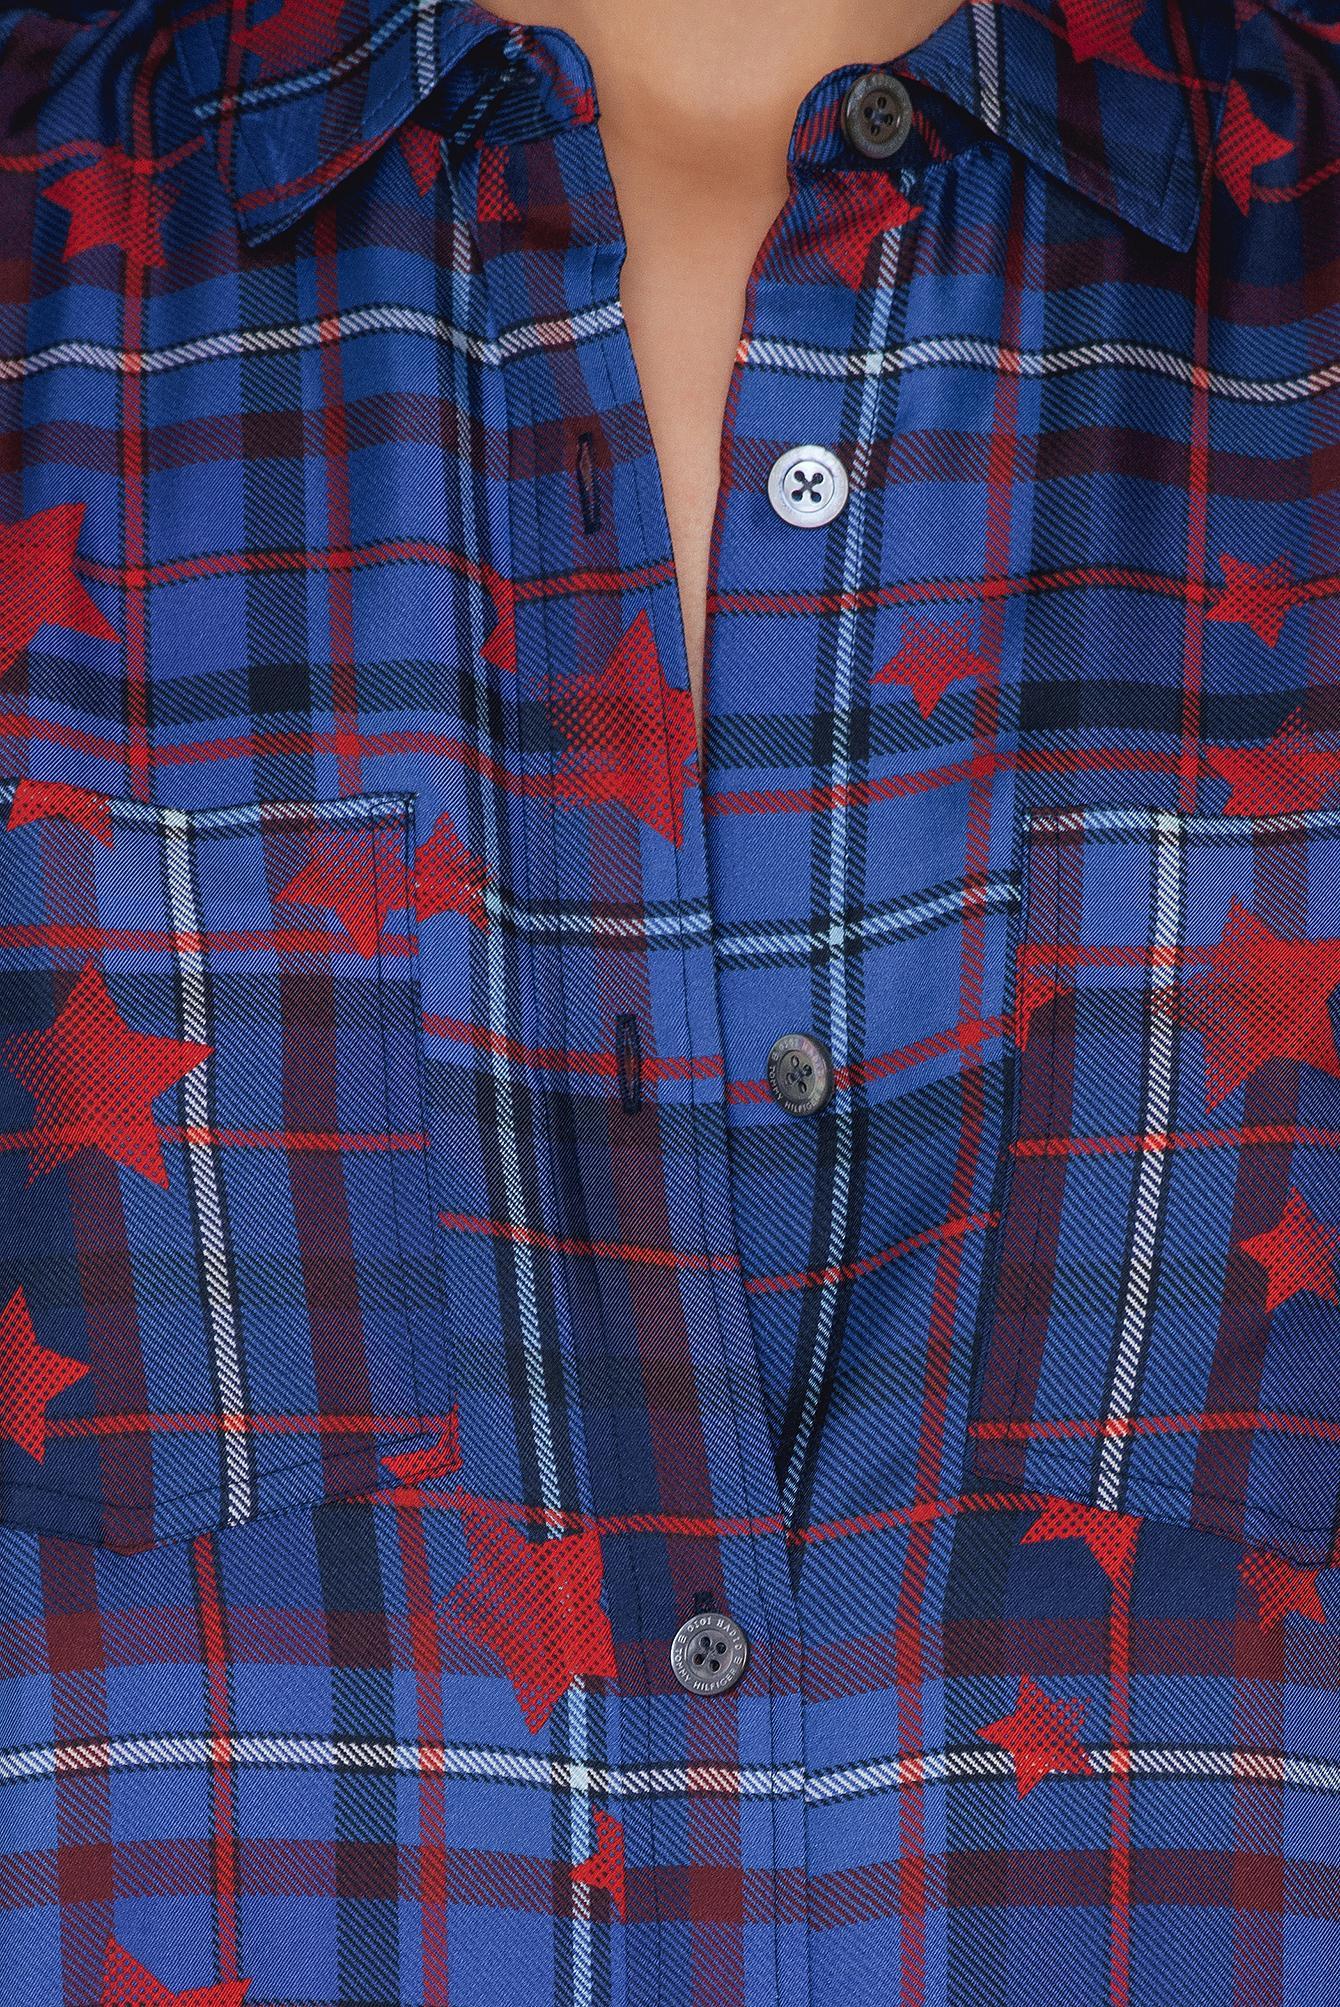 96adb50b22e68a Tommy Hilfiger Gigi Hadid Silk Twill Blouse in Blue - Lyst